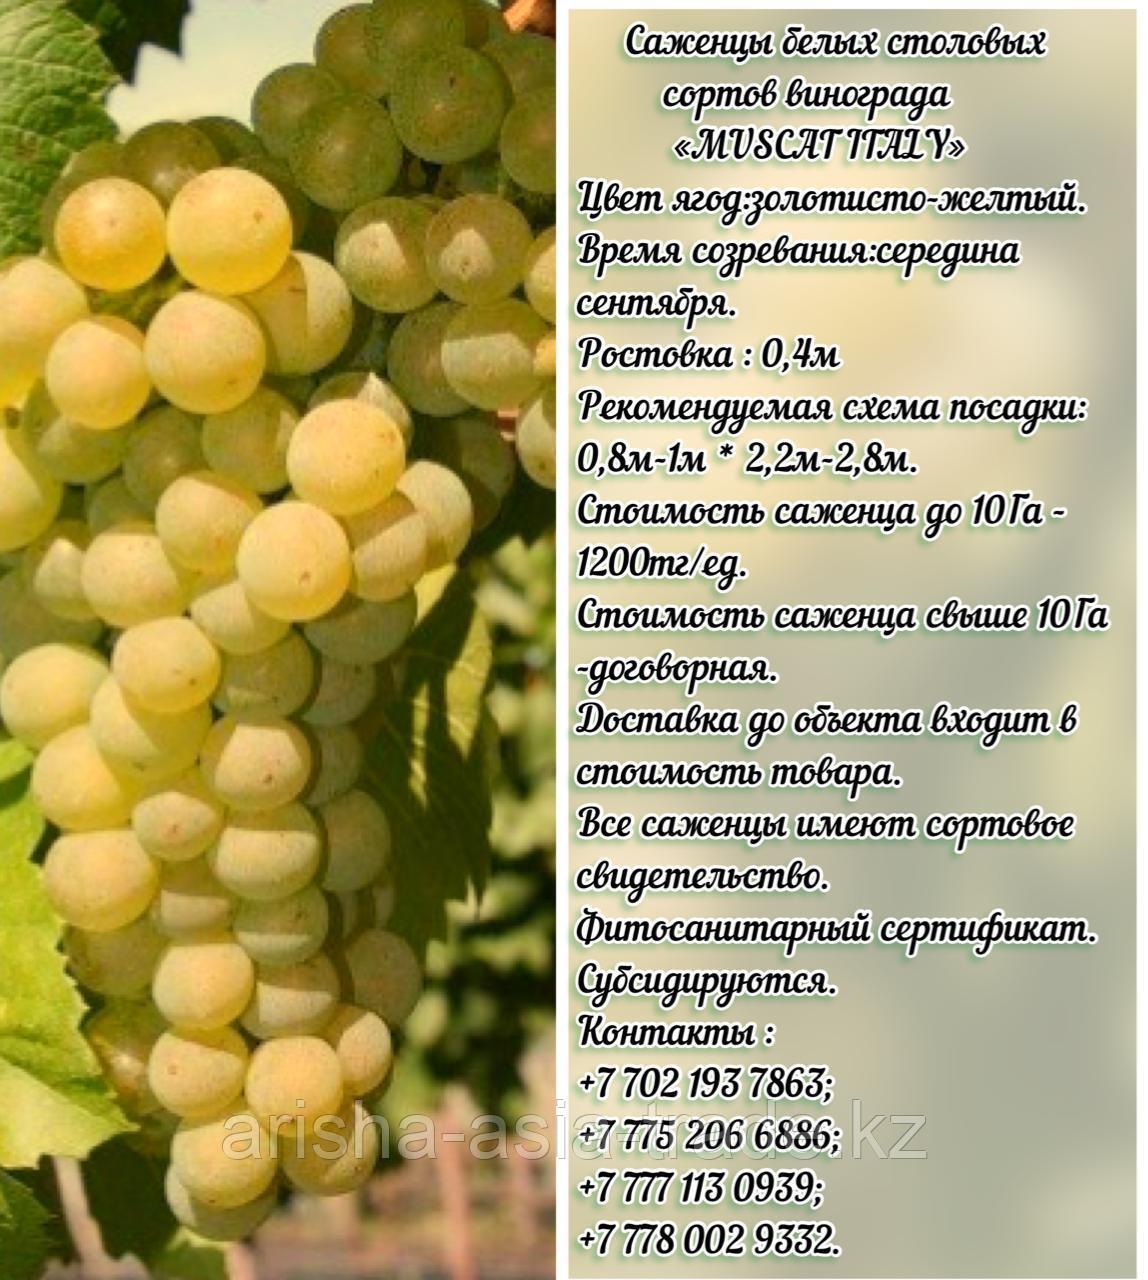 """Саженец винограда белый столовый """"Muscat Italy"""" (Мускат Италия) Сербия"""